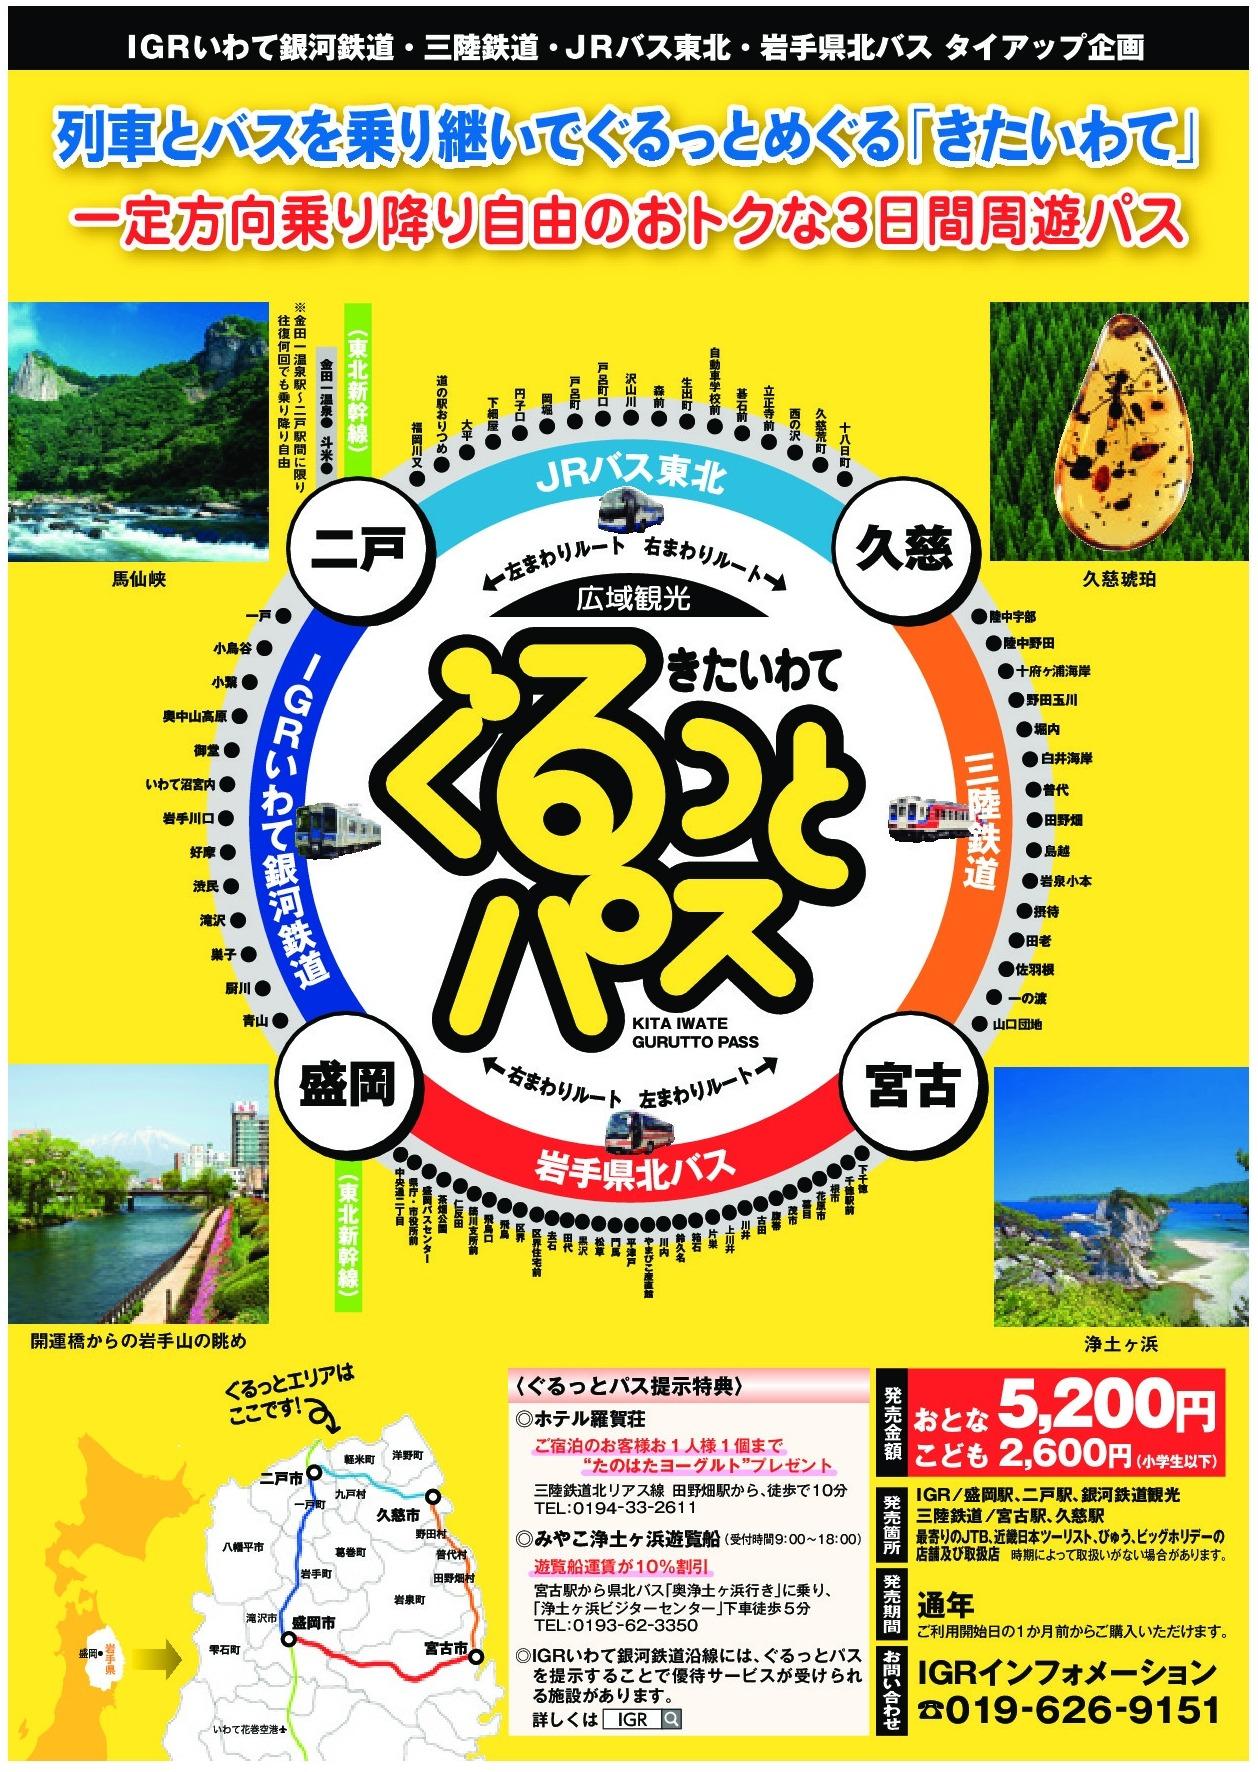 Kita-Iwate Gurutto Pass